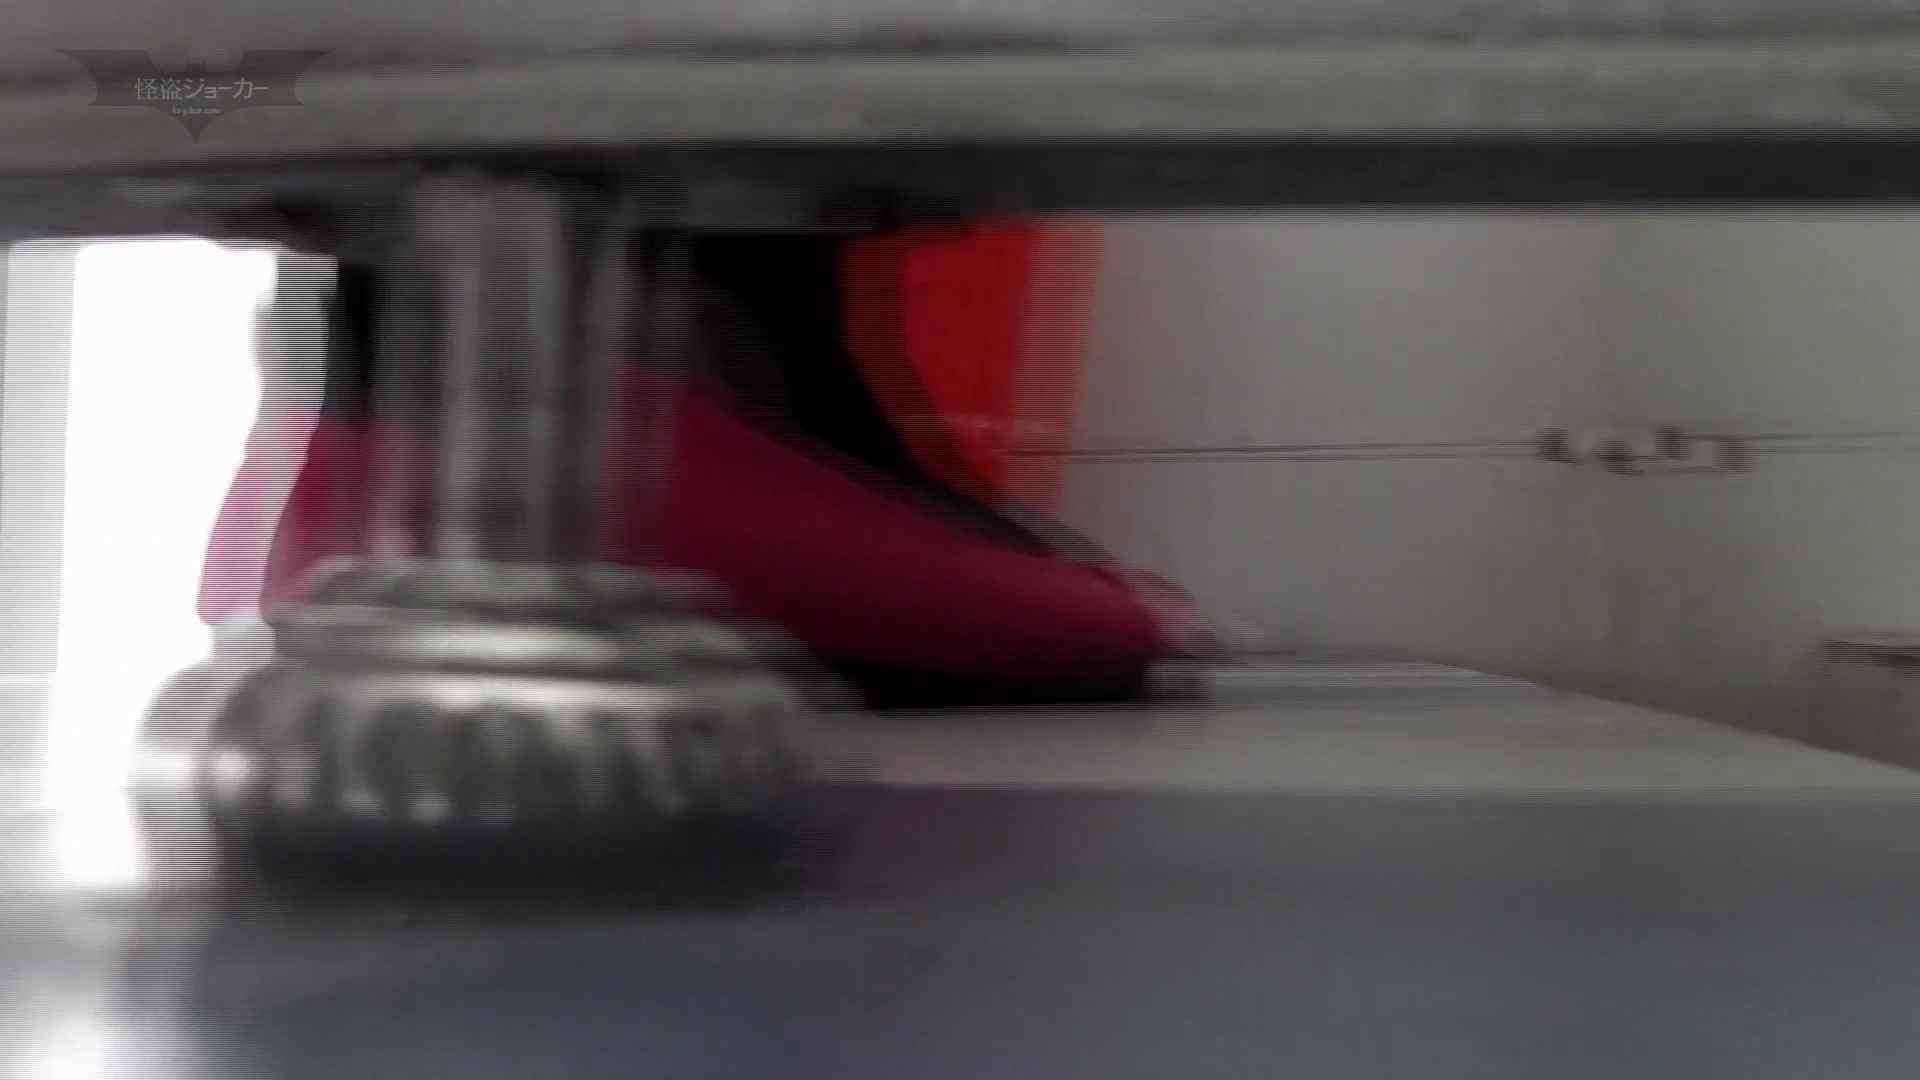 下からノゾム vol.030 びしょびしょの連続、お尻半分濡れるほど、 高画質 | 盛合せ  100画像 31